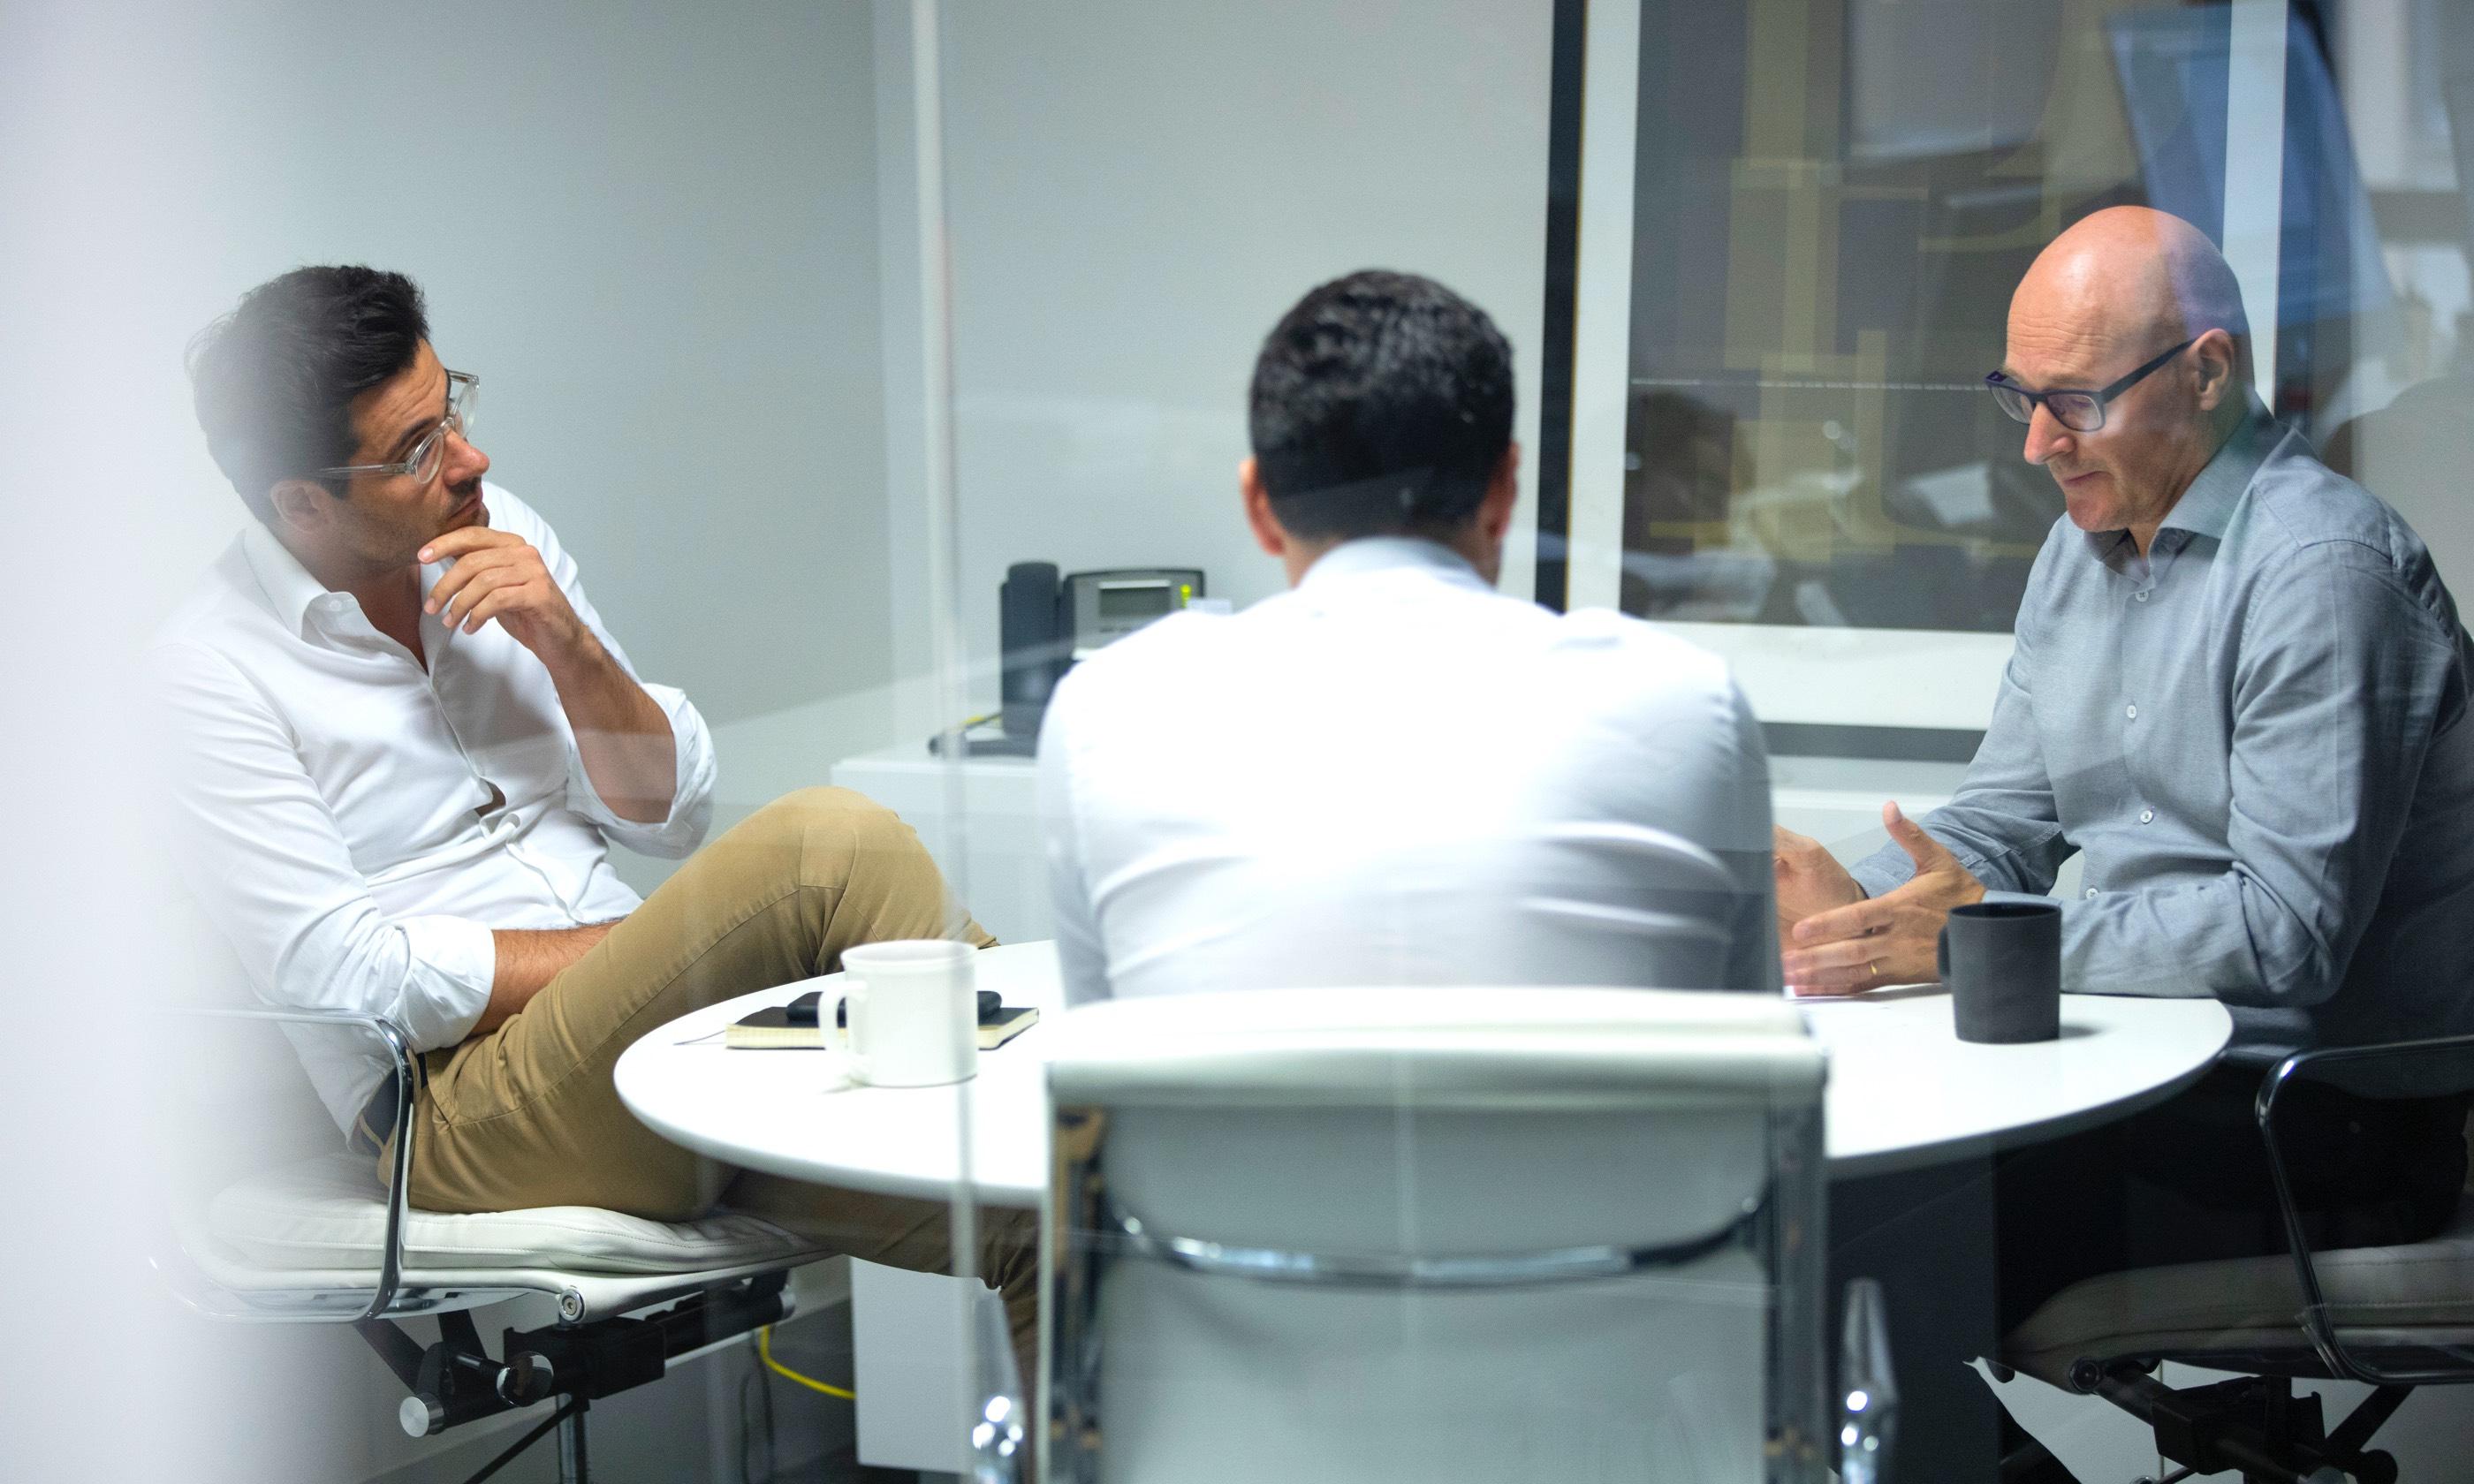 Designate directors in meeting discussing investor communications.